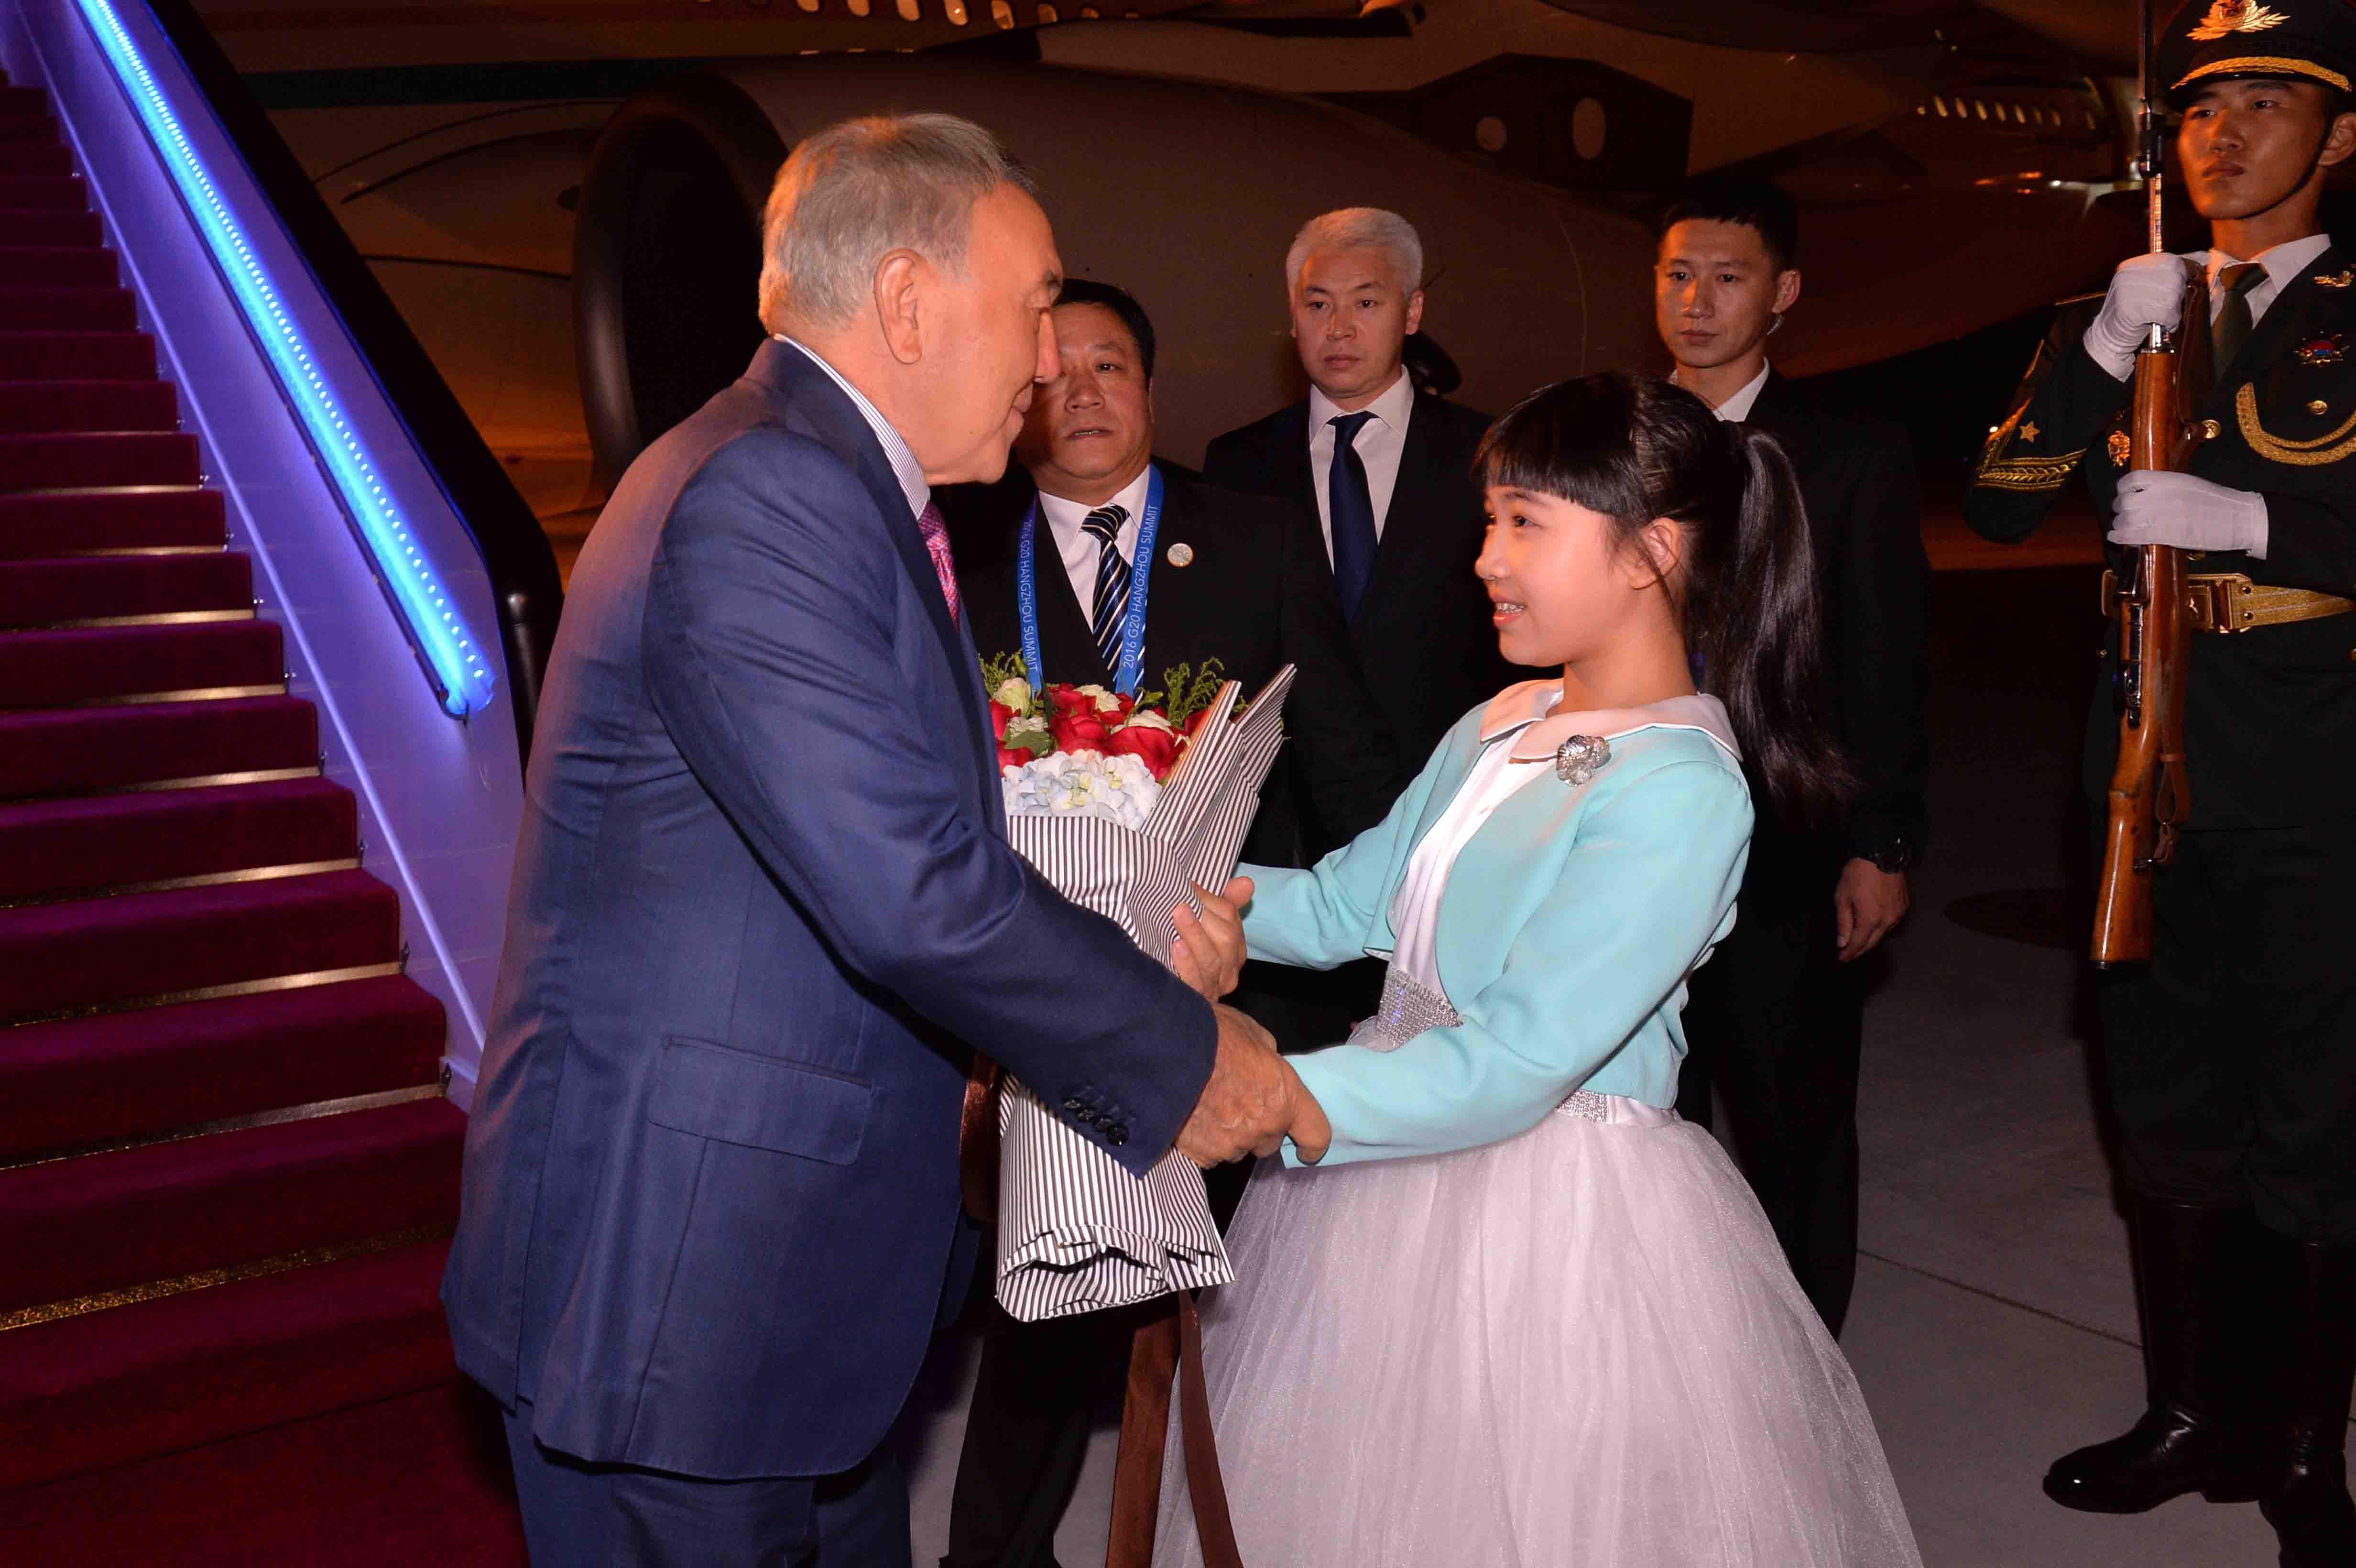 Назарбаев обсудил вопросы двустороннего сотрудничества спредседателем Китая СиЦзиньпином